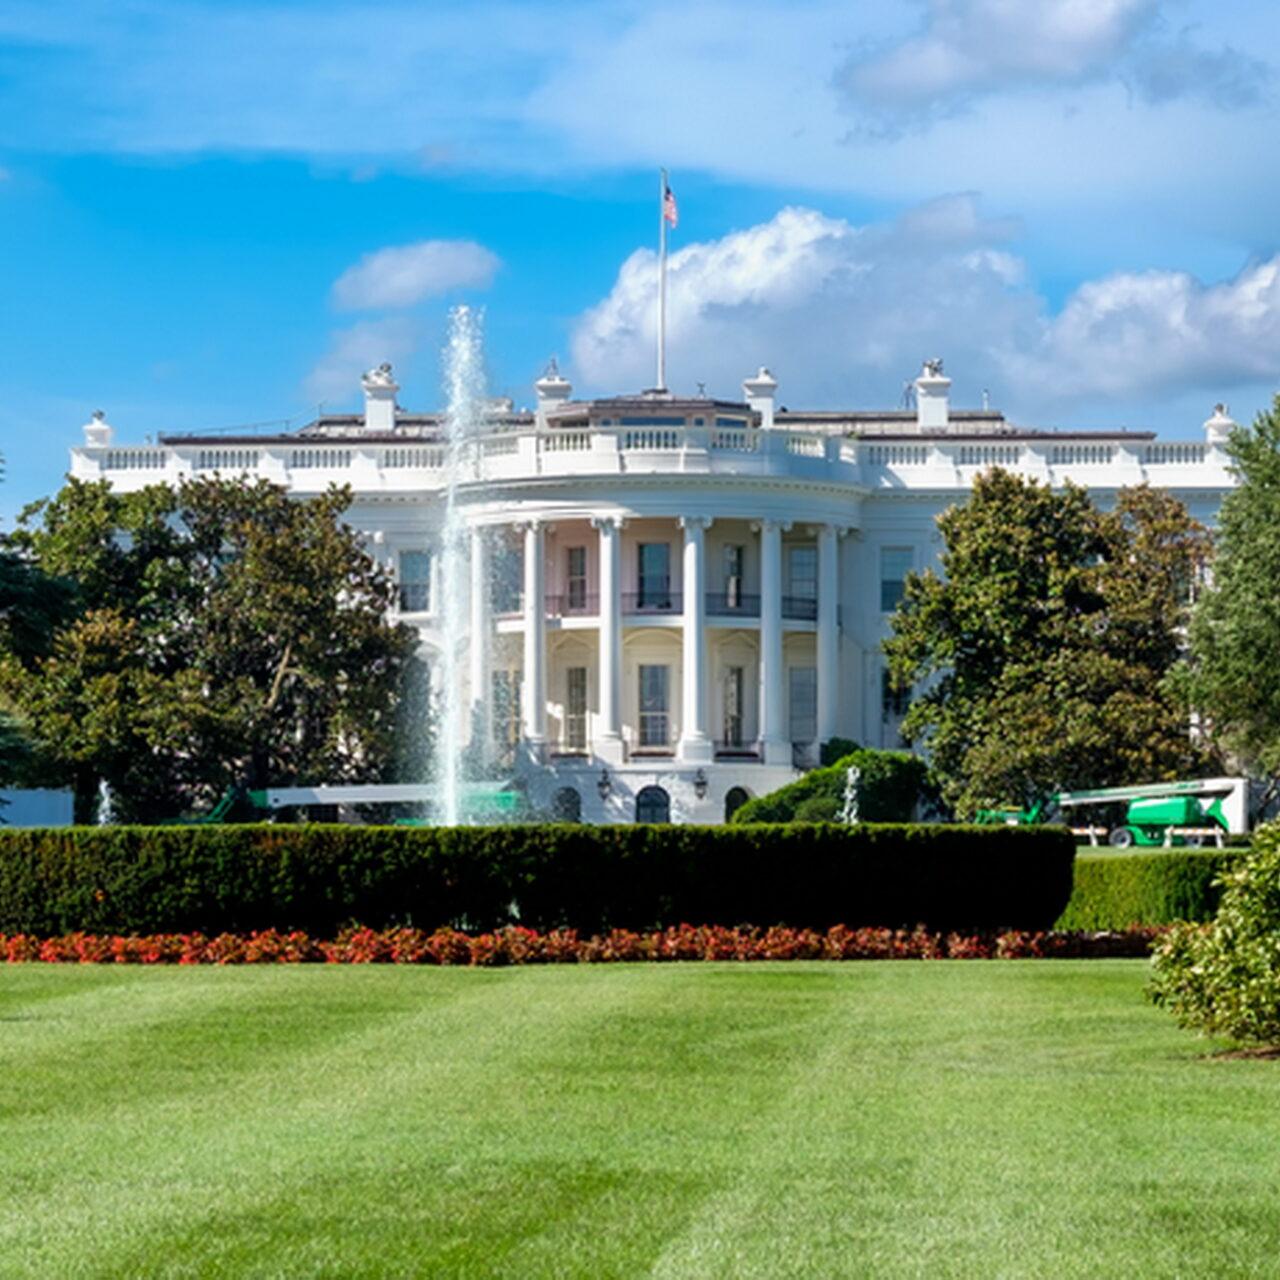 Führungswechsel nach US-Wahl hätte drastische politische Auswirkungen zurFolge